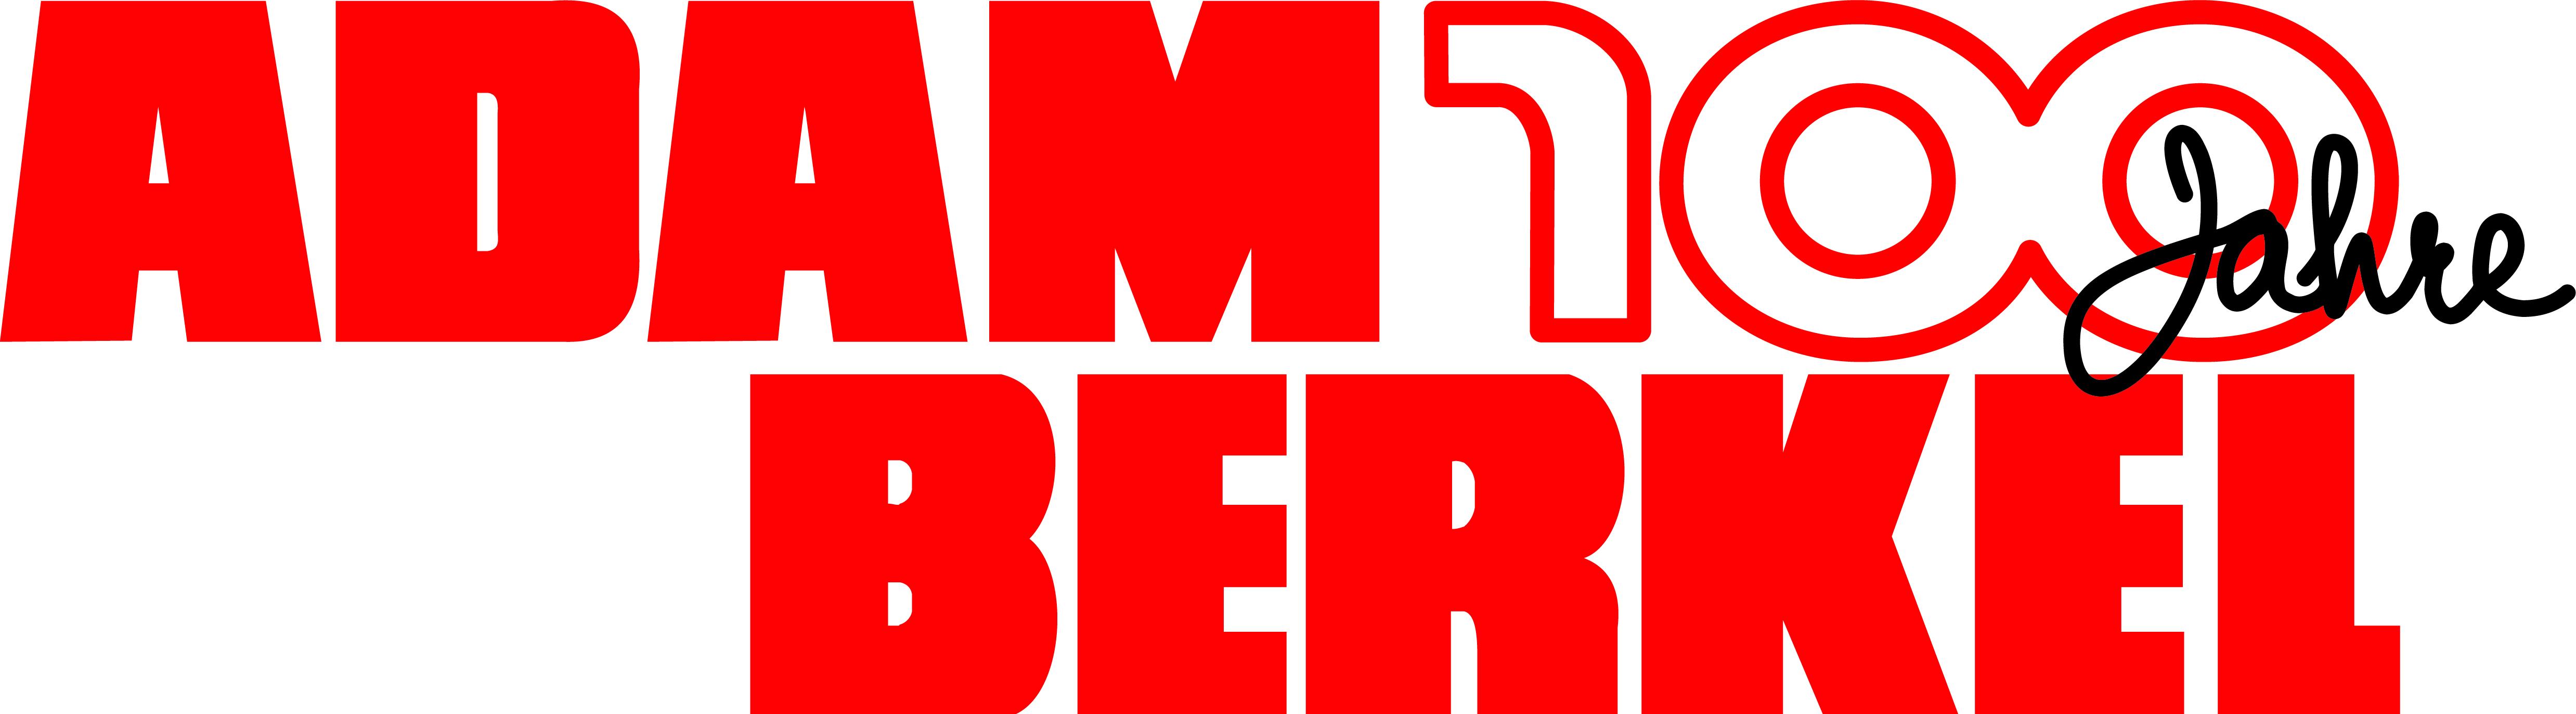 https://www.ammon.de/ammon/wp-content/uploads/Logo_Berkel_100_Jahre.jpg